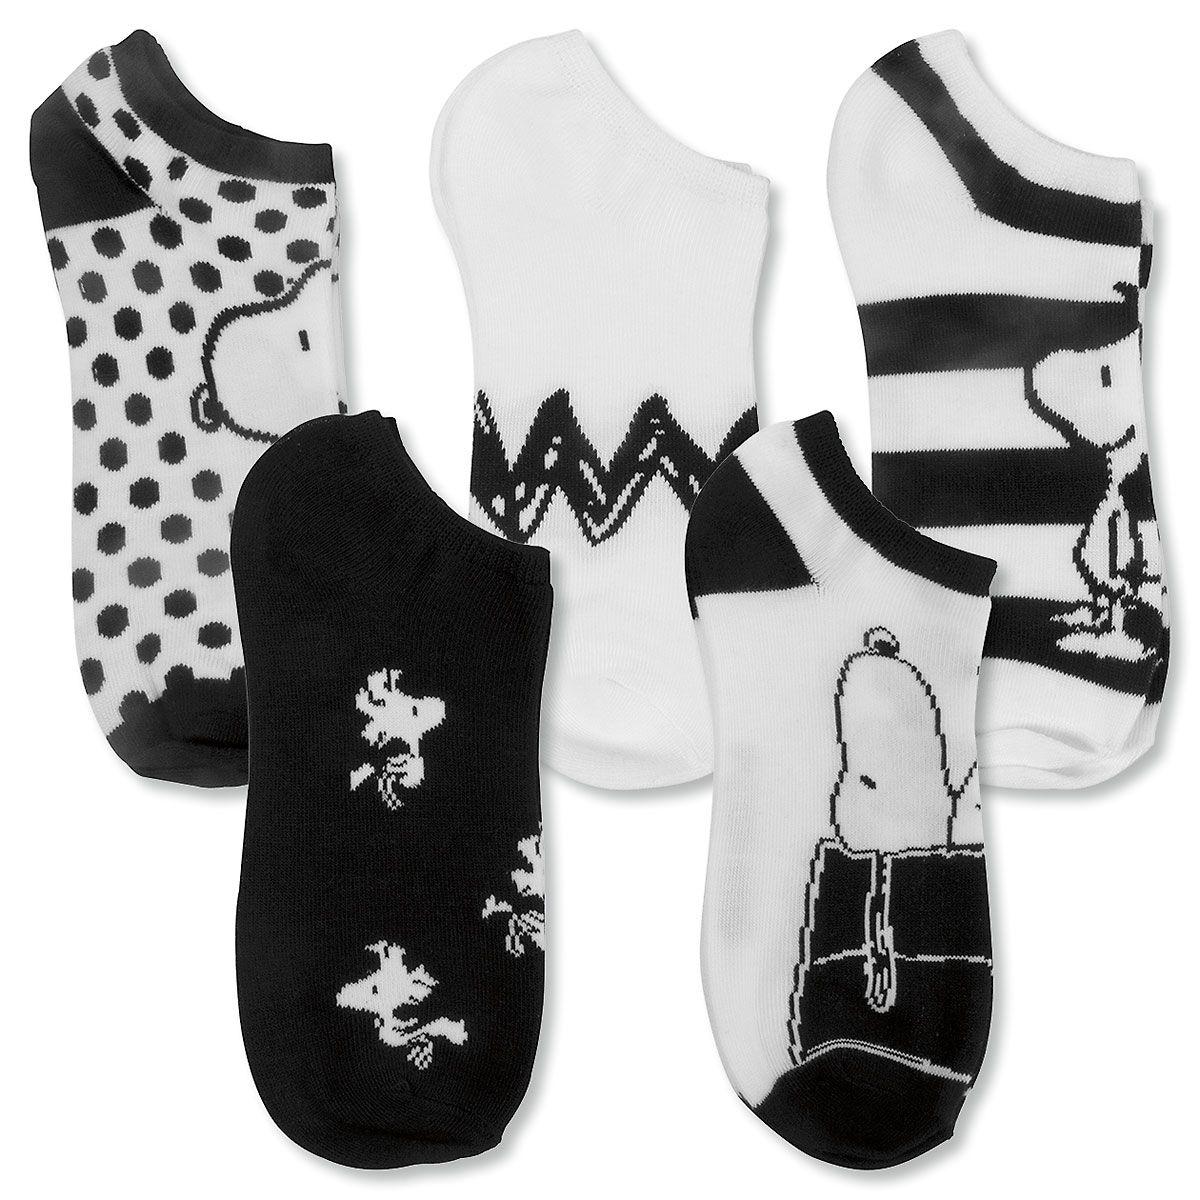 PEANUTS® Socks in Black & White